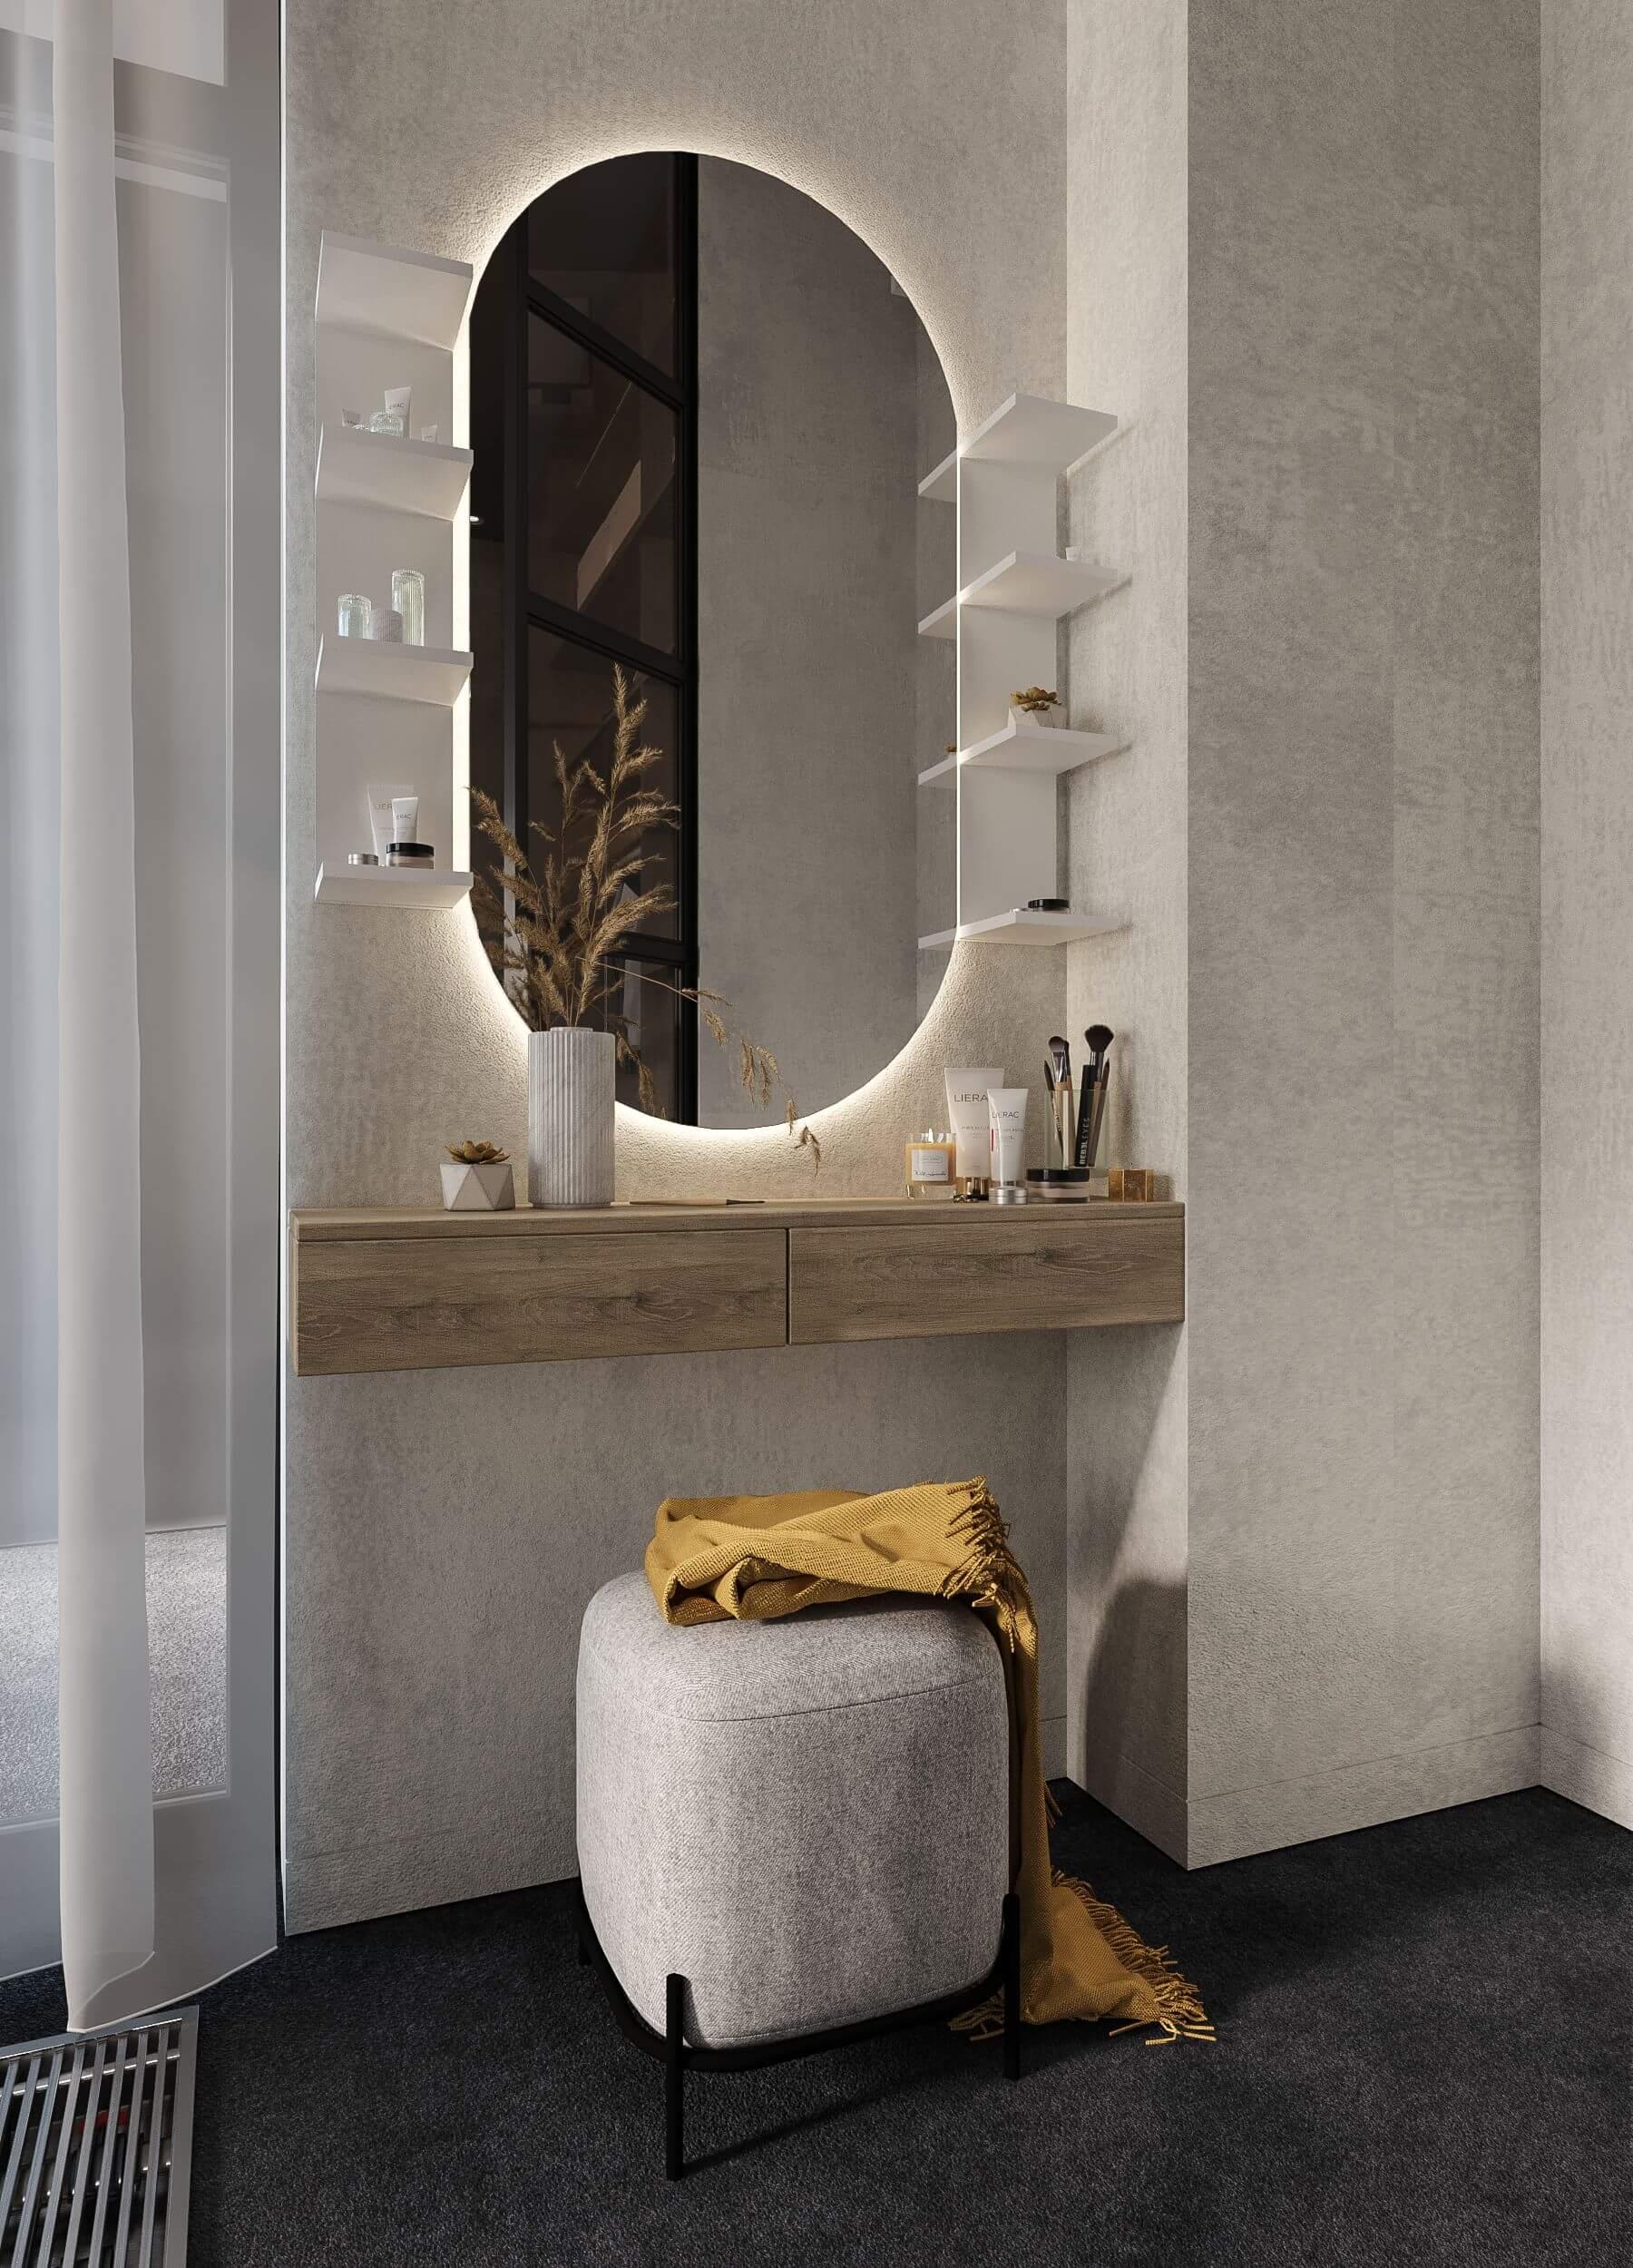 Интерьер спальни. Туалетный столик.